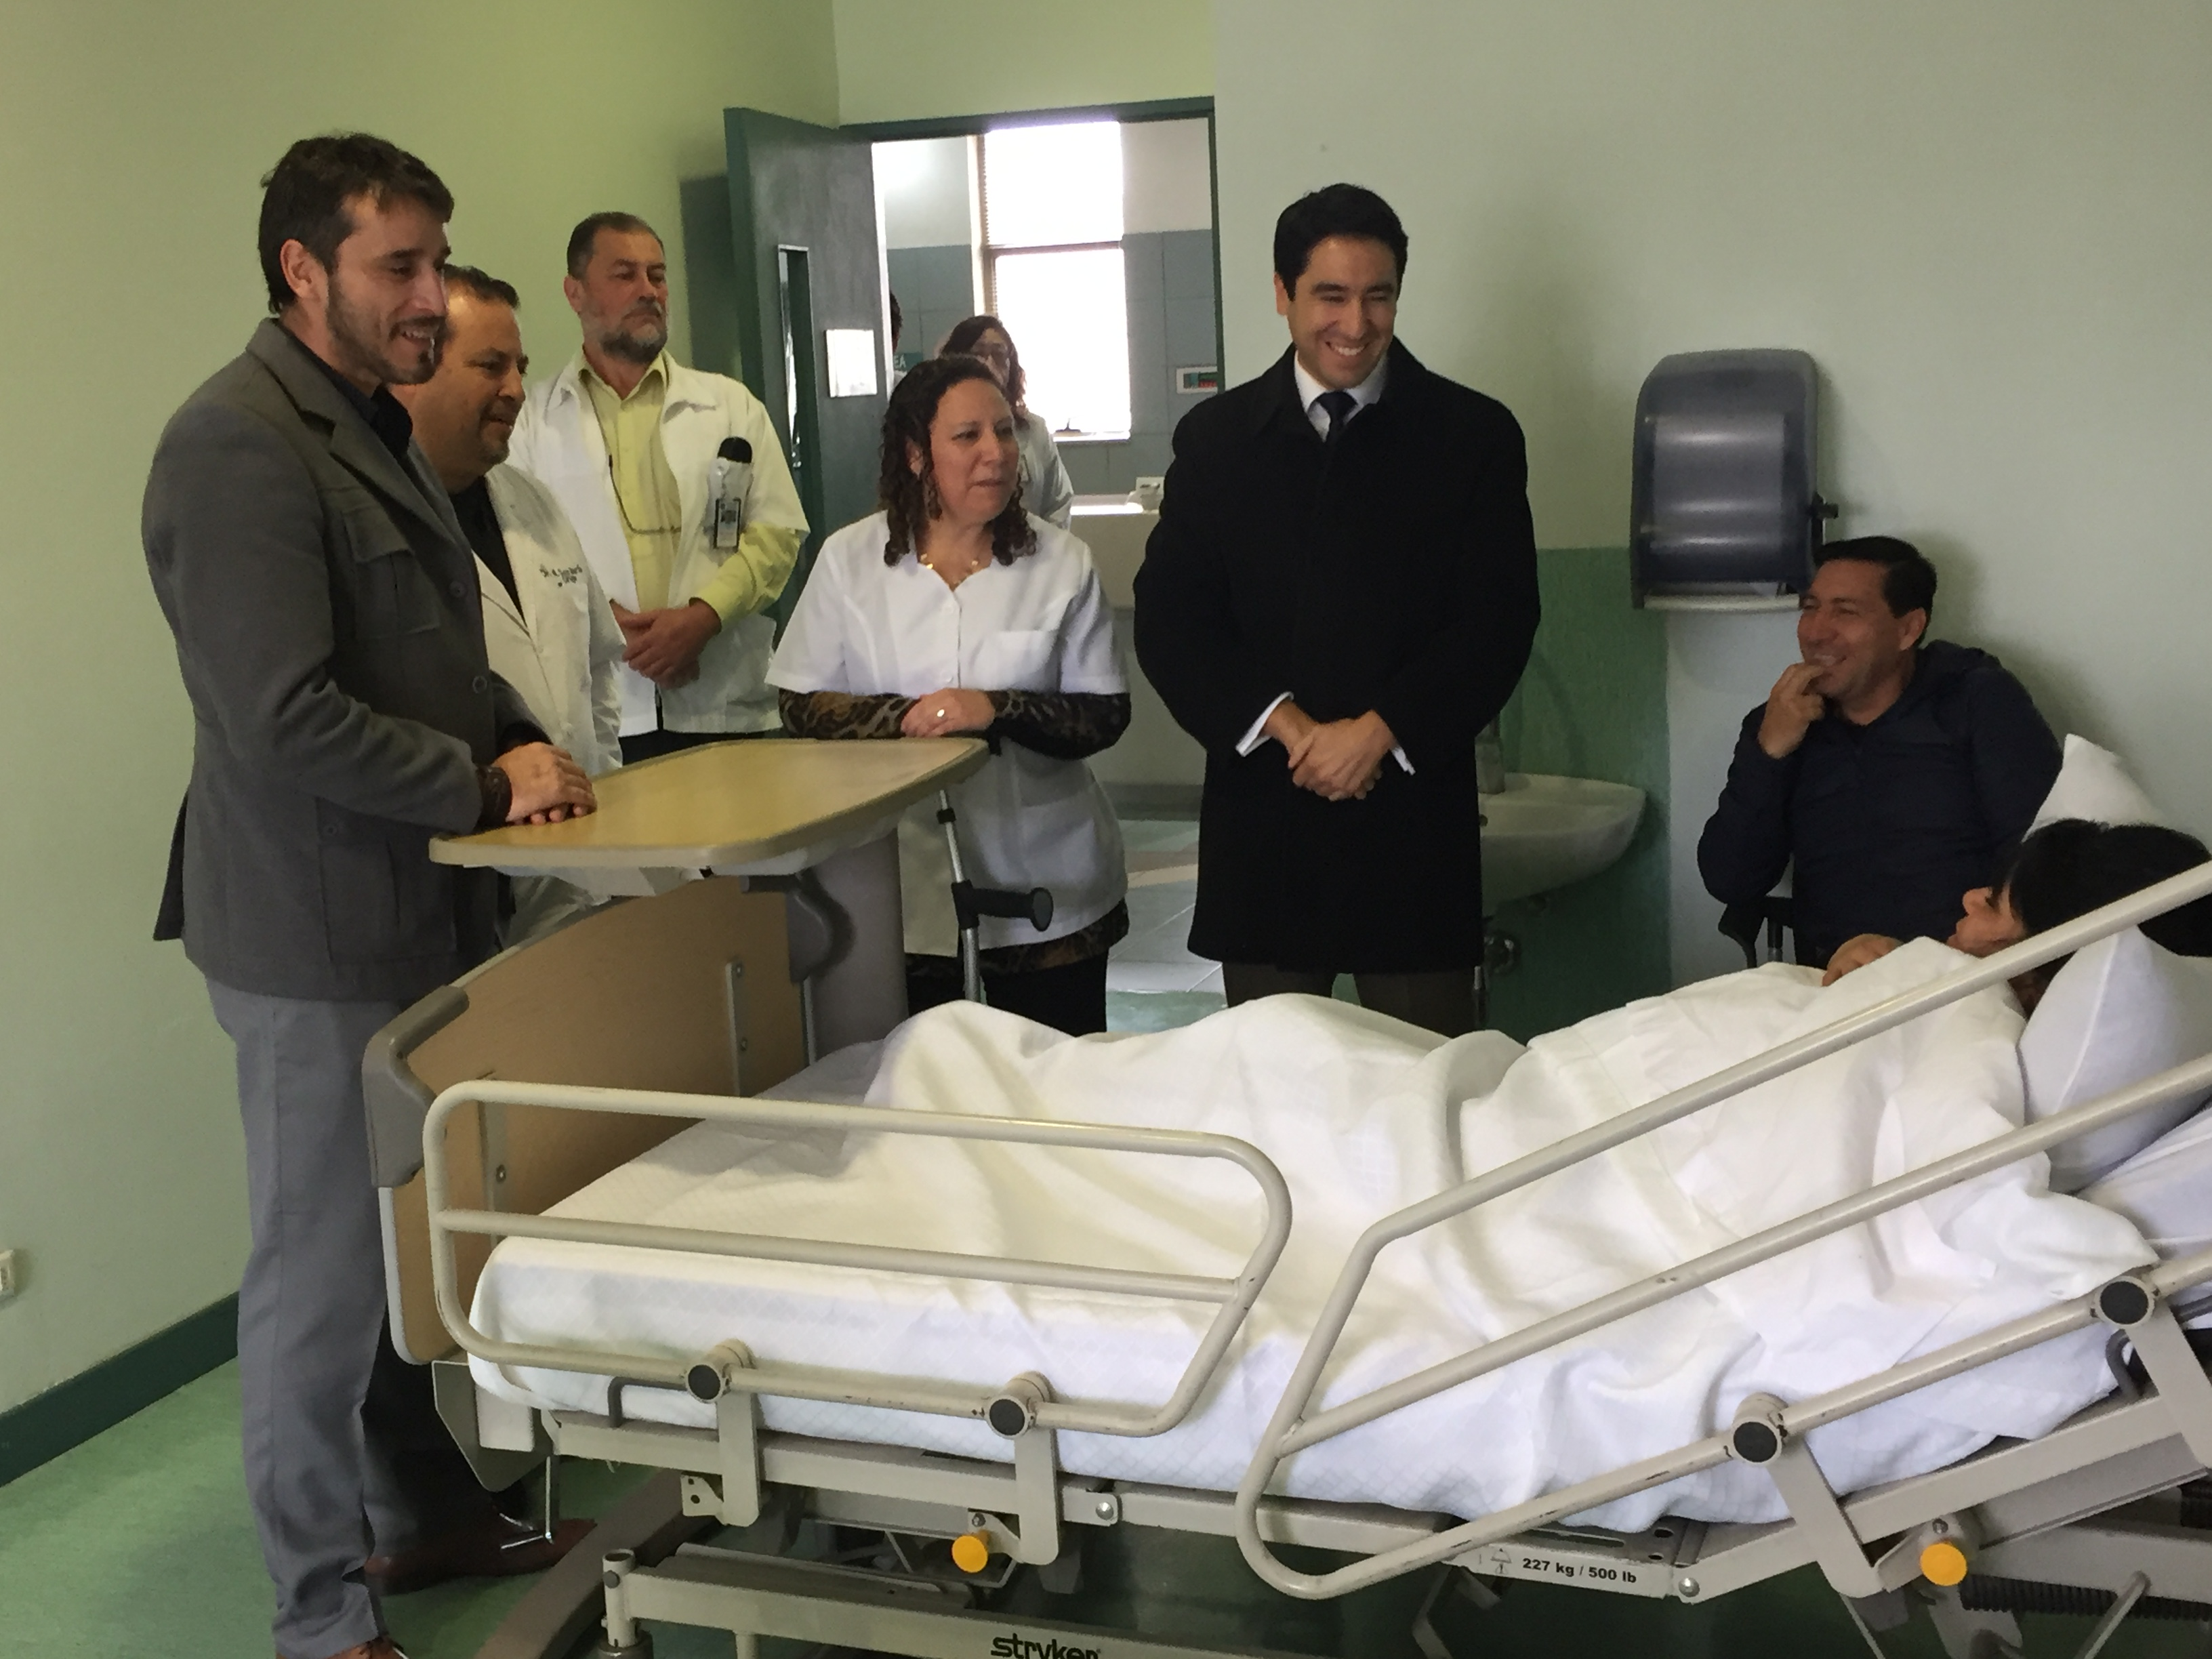 Hospital Provincial del Huasco se prepara para el invierno: abre ala oriente con 13 nuevas camas y más personal